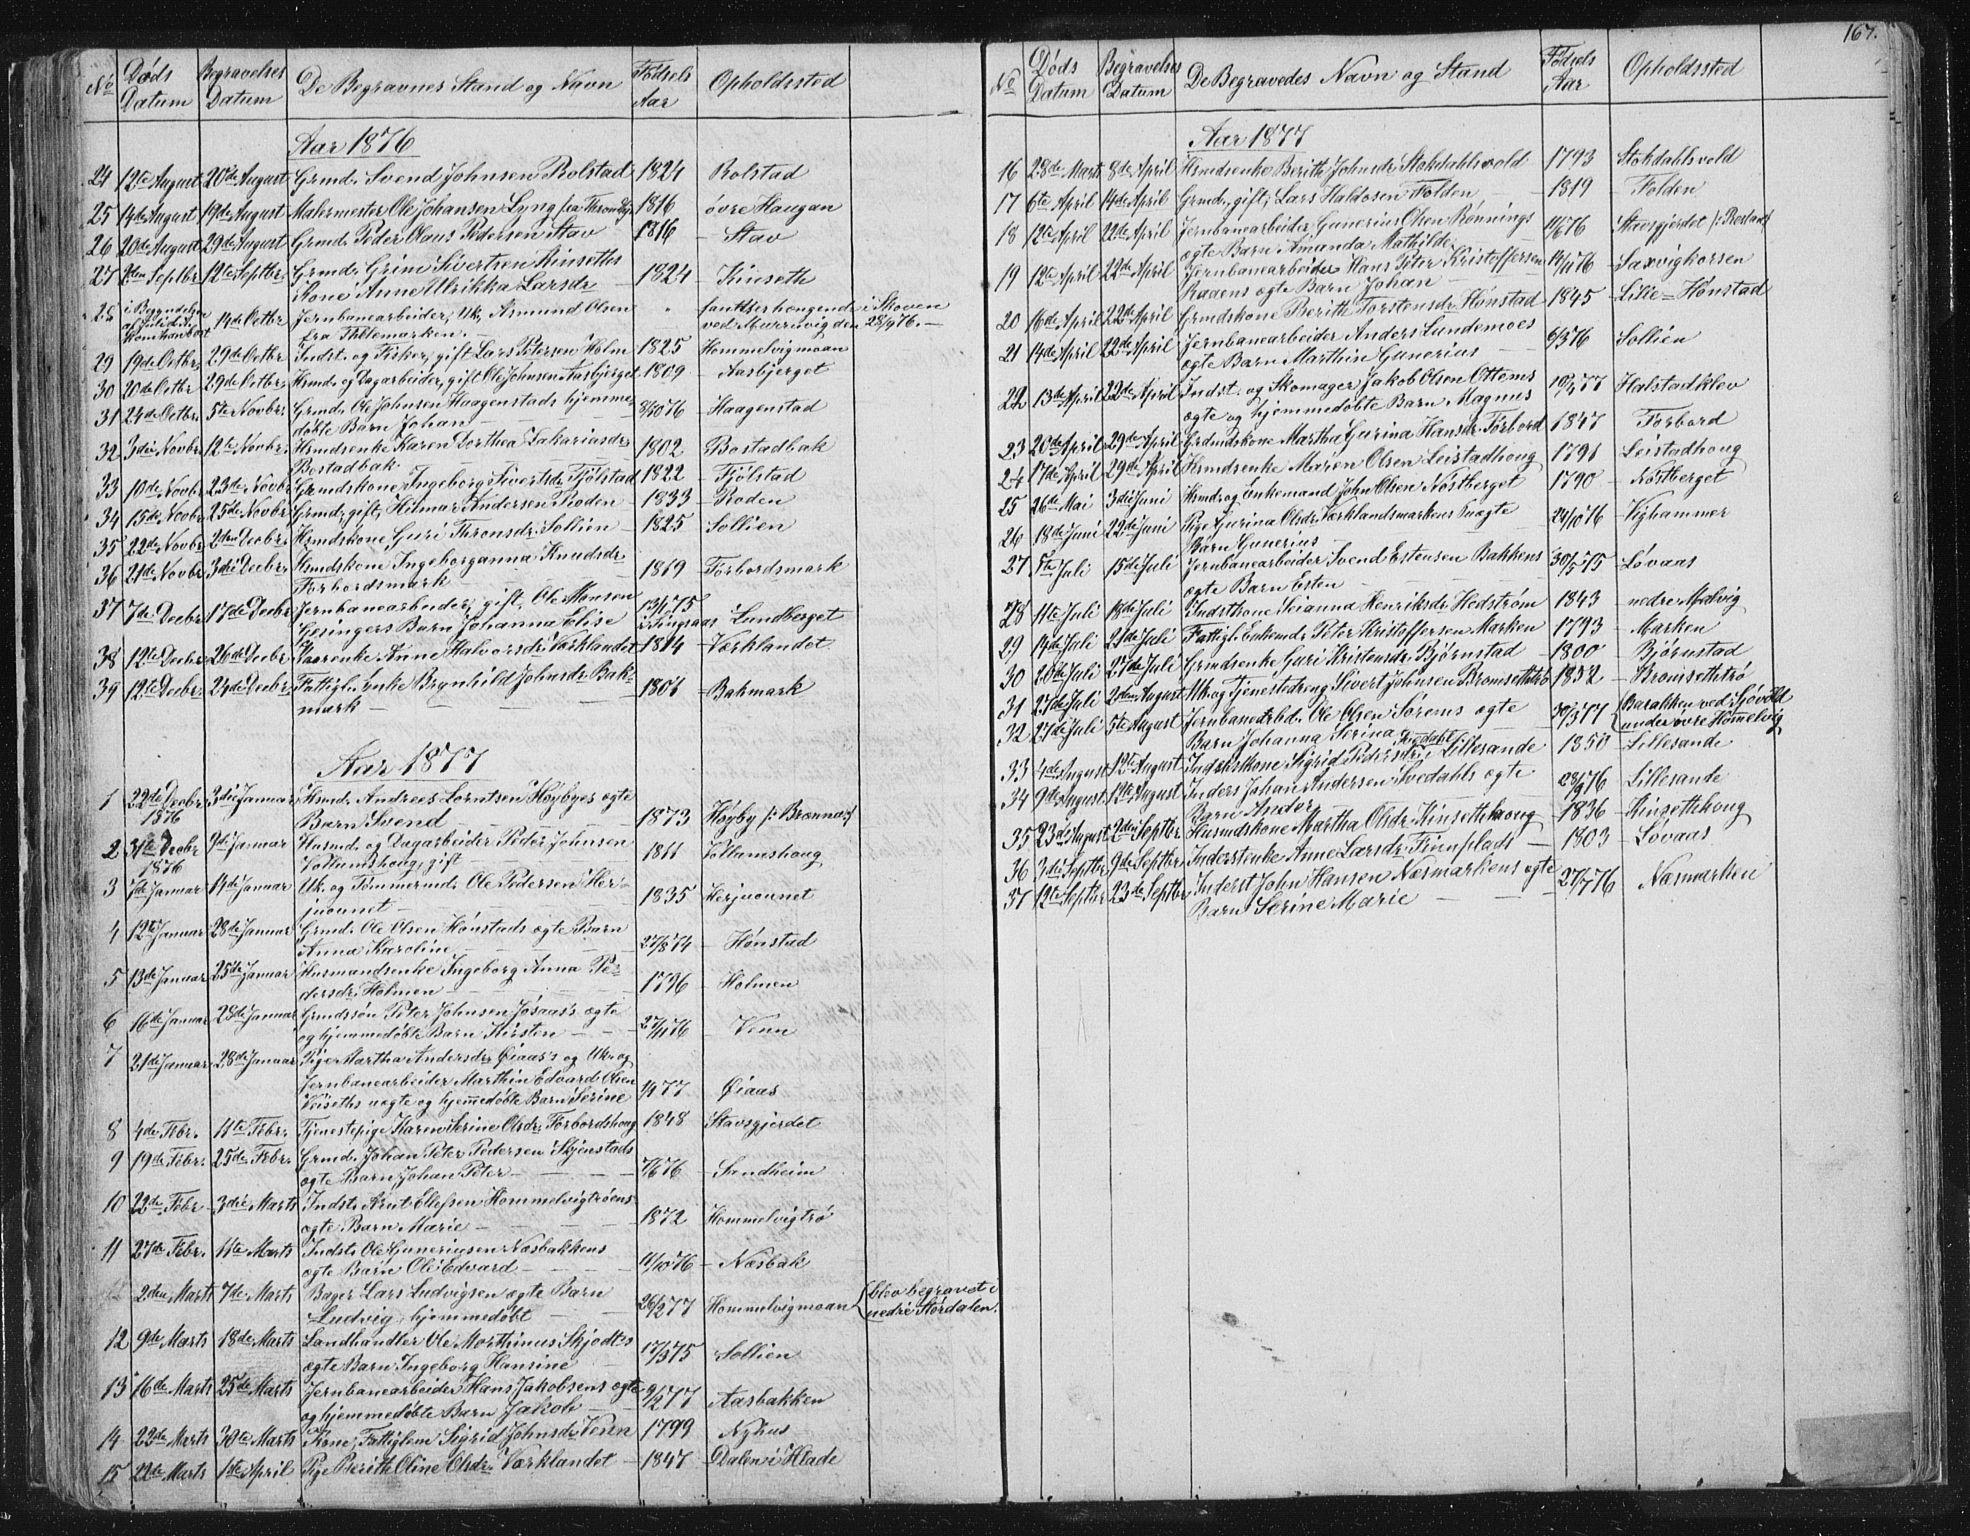 SAT, Ministerialprotokoller, klokkerbøker og fødselsregistre - Sør-Trøndelag, 616/L0406: Ministerialbok nr. 616A03, 1843-1879, s. 167